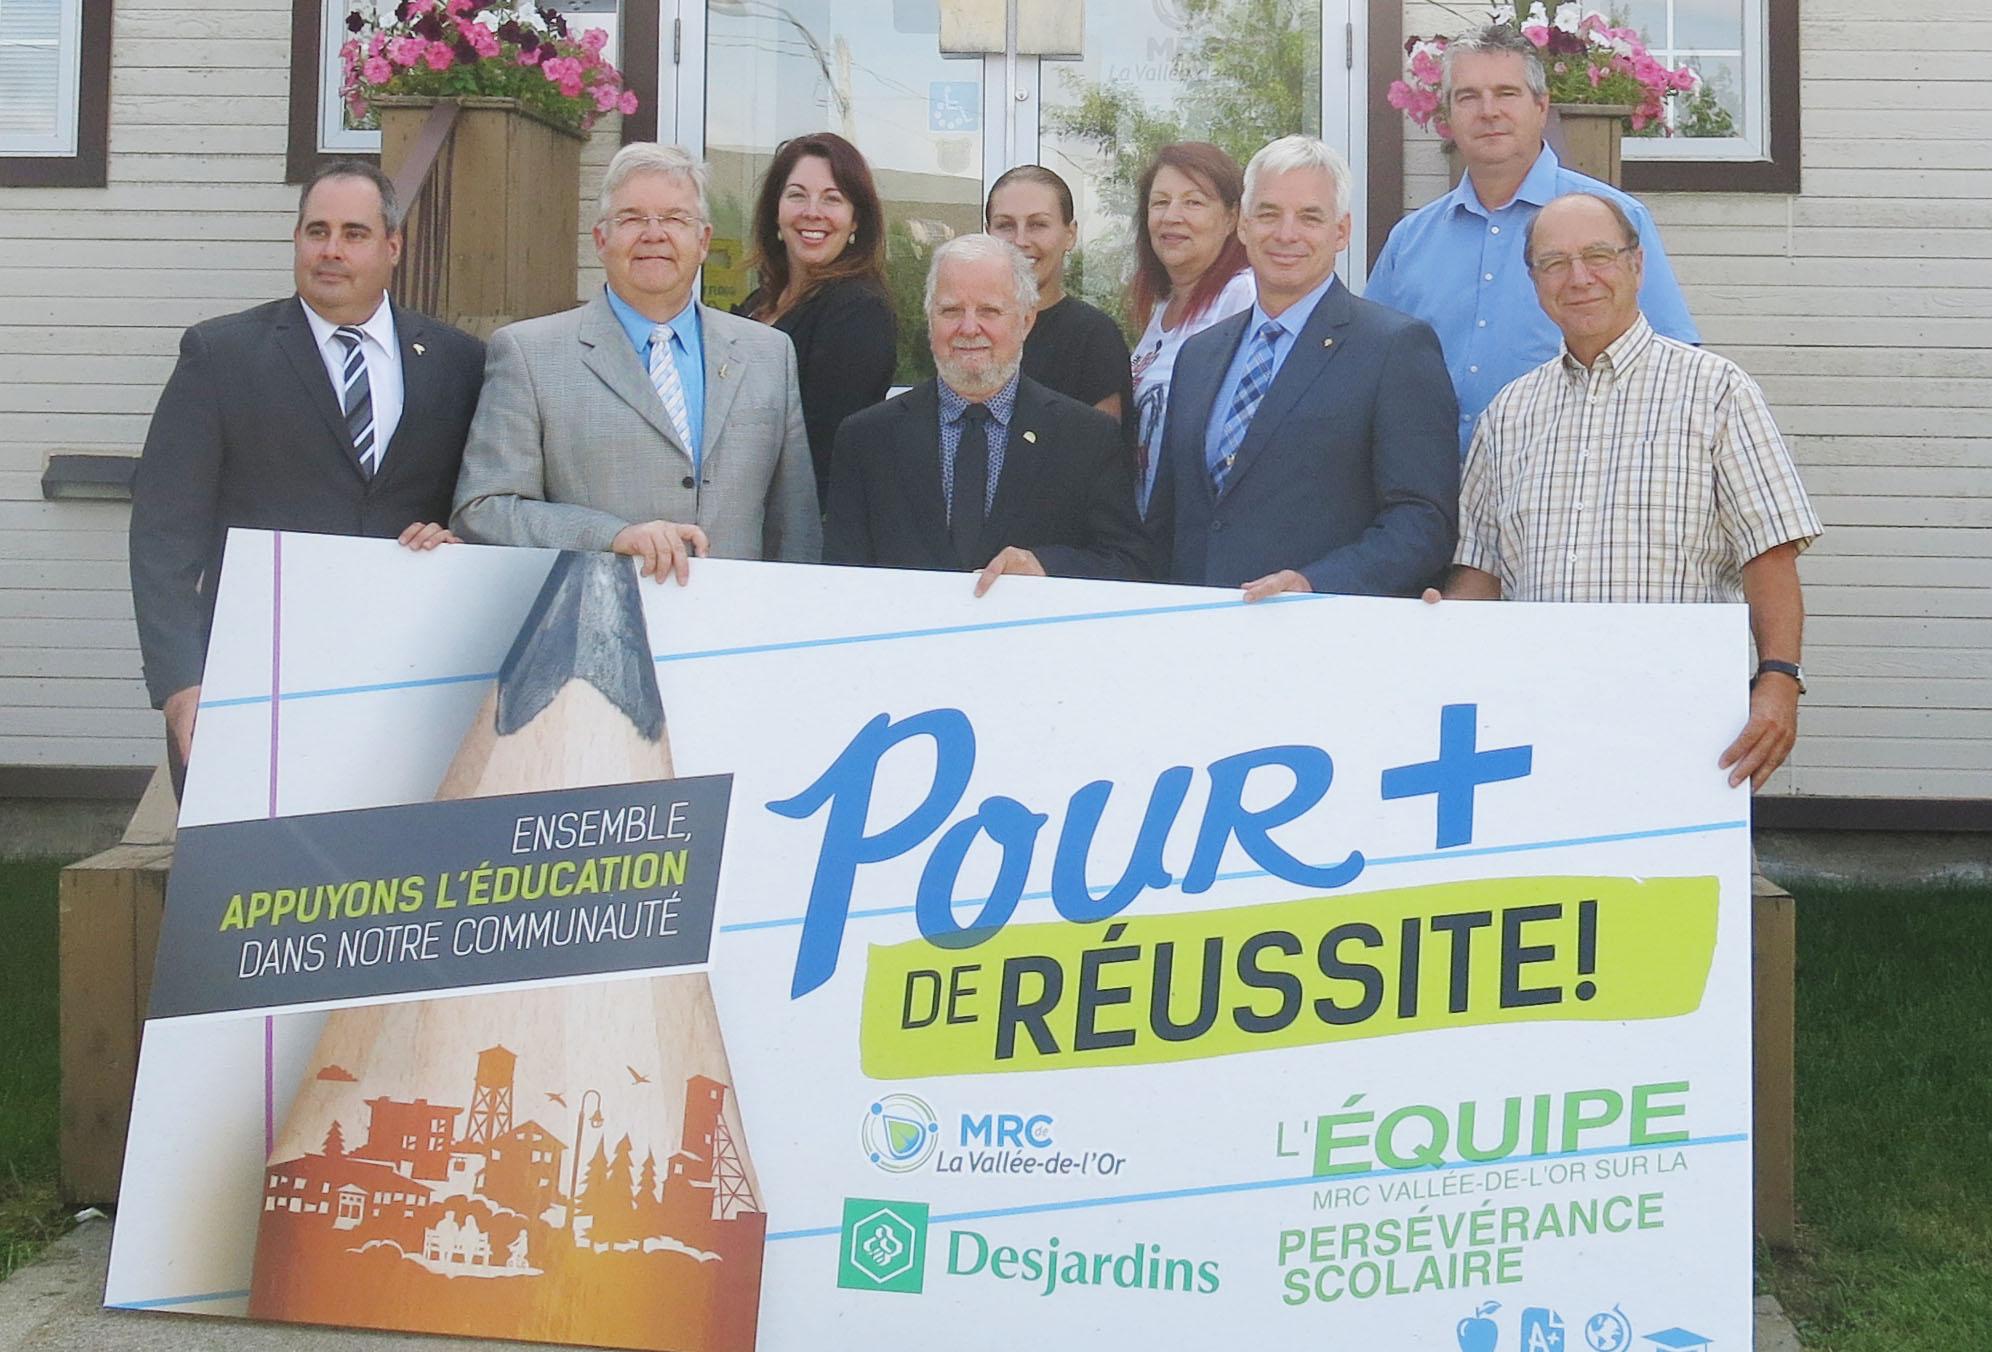 La MRC de La Vallée-de-l'Or s'engage  à soutenir la réussite!